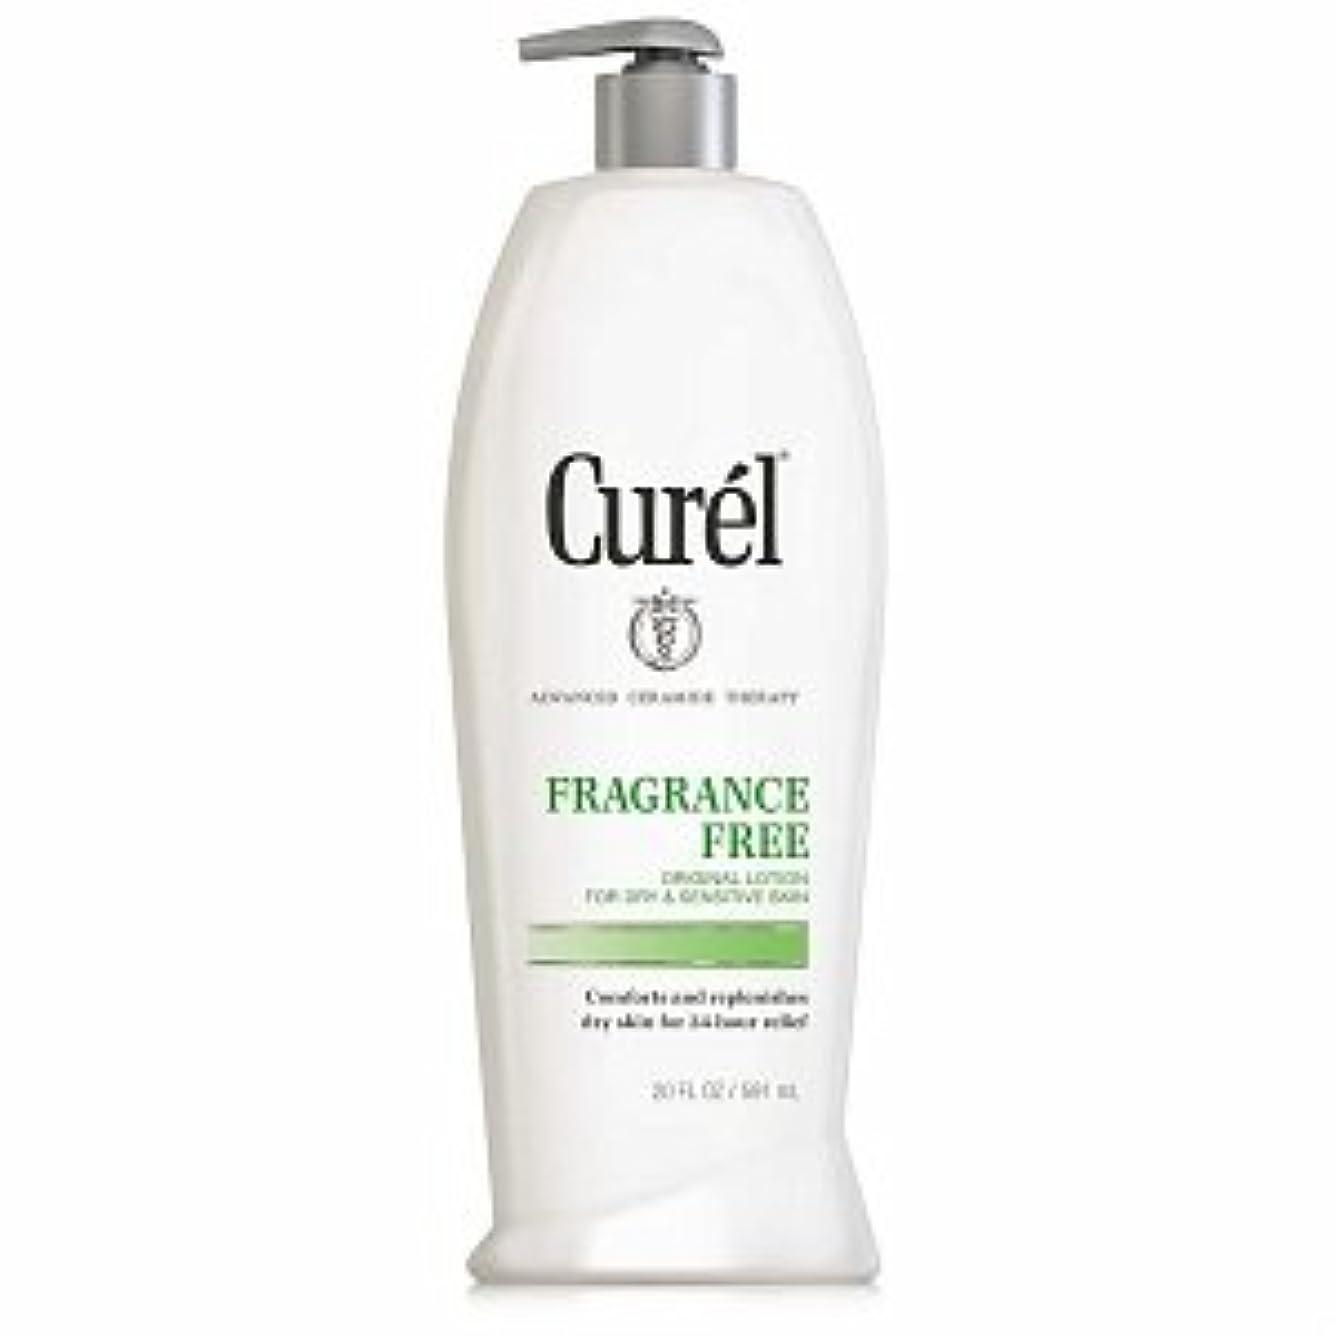 ストリップお酒遠洋のCurel Fragrance Free Original Lotion For Dry&Sensitive Skin - 13 fl oz  ポンプ式